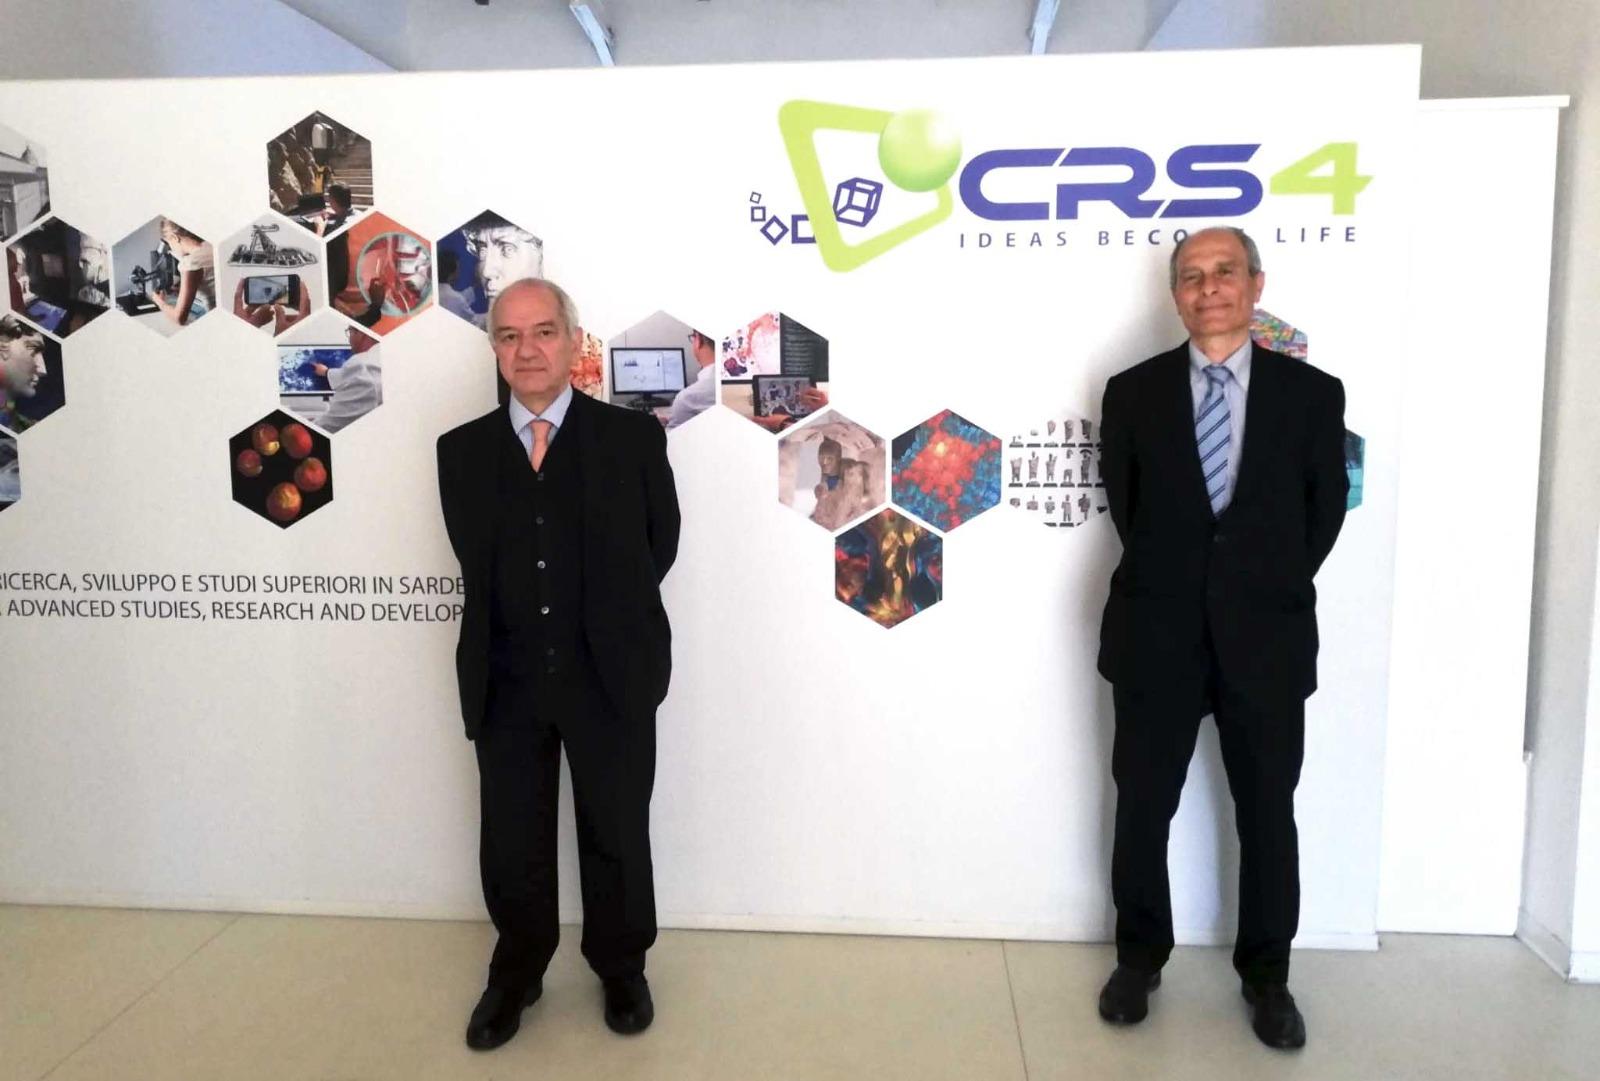 Gilberto Gabrielli presidente e fondatore di TOLO Green e Giacomo Cao amministratore unico CRS4